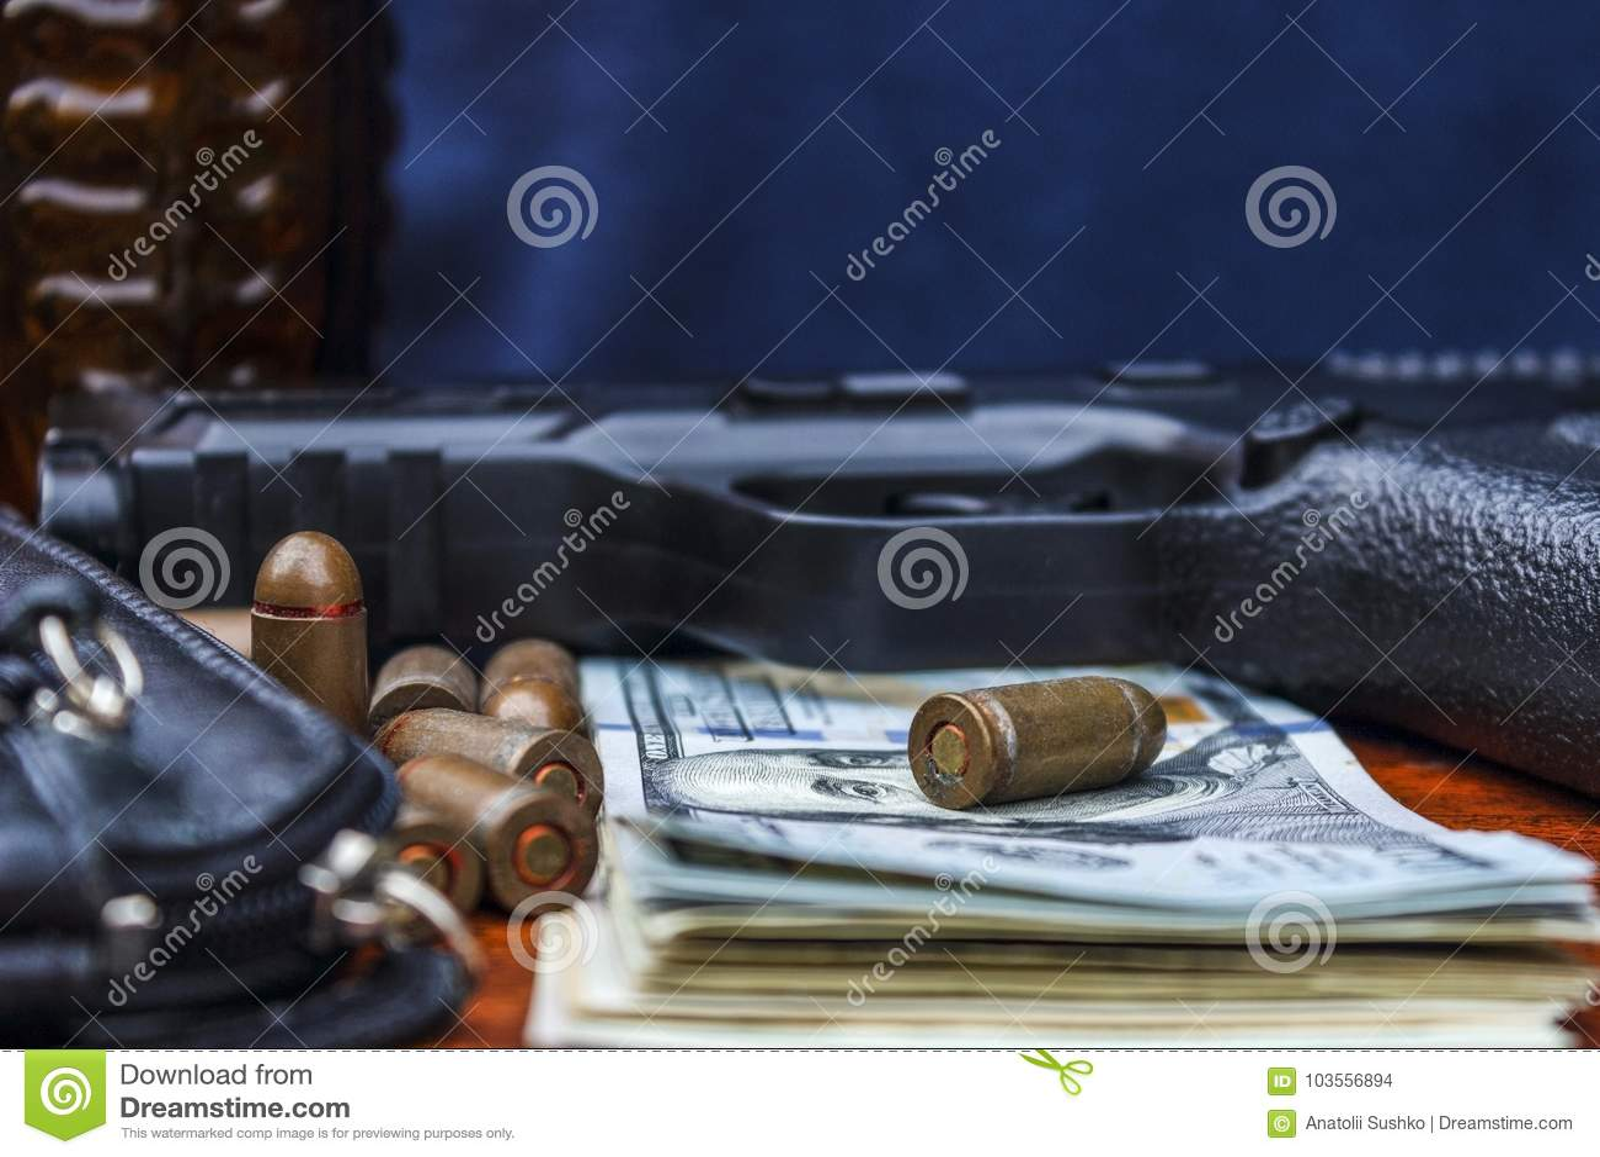 På tabelllögnen en pistol, pengar, ammunition, en handväska